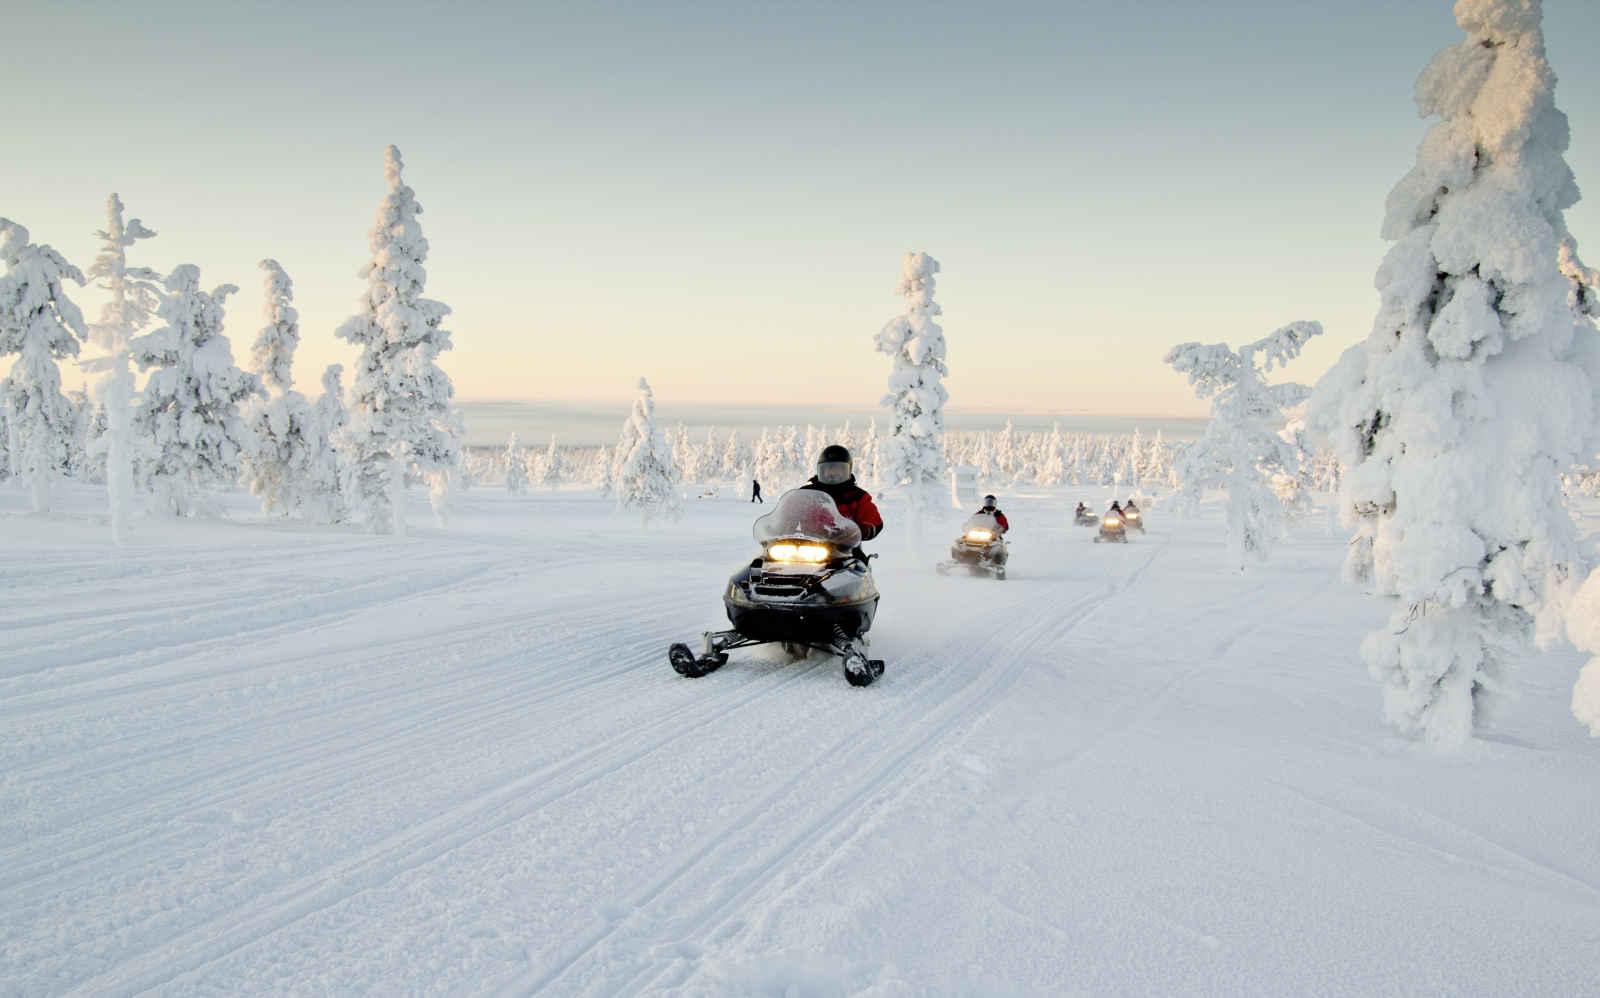 Finlande - Laponie - Rovaniemi - Hôtel Santa Claus